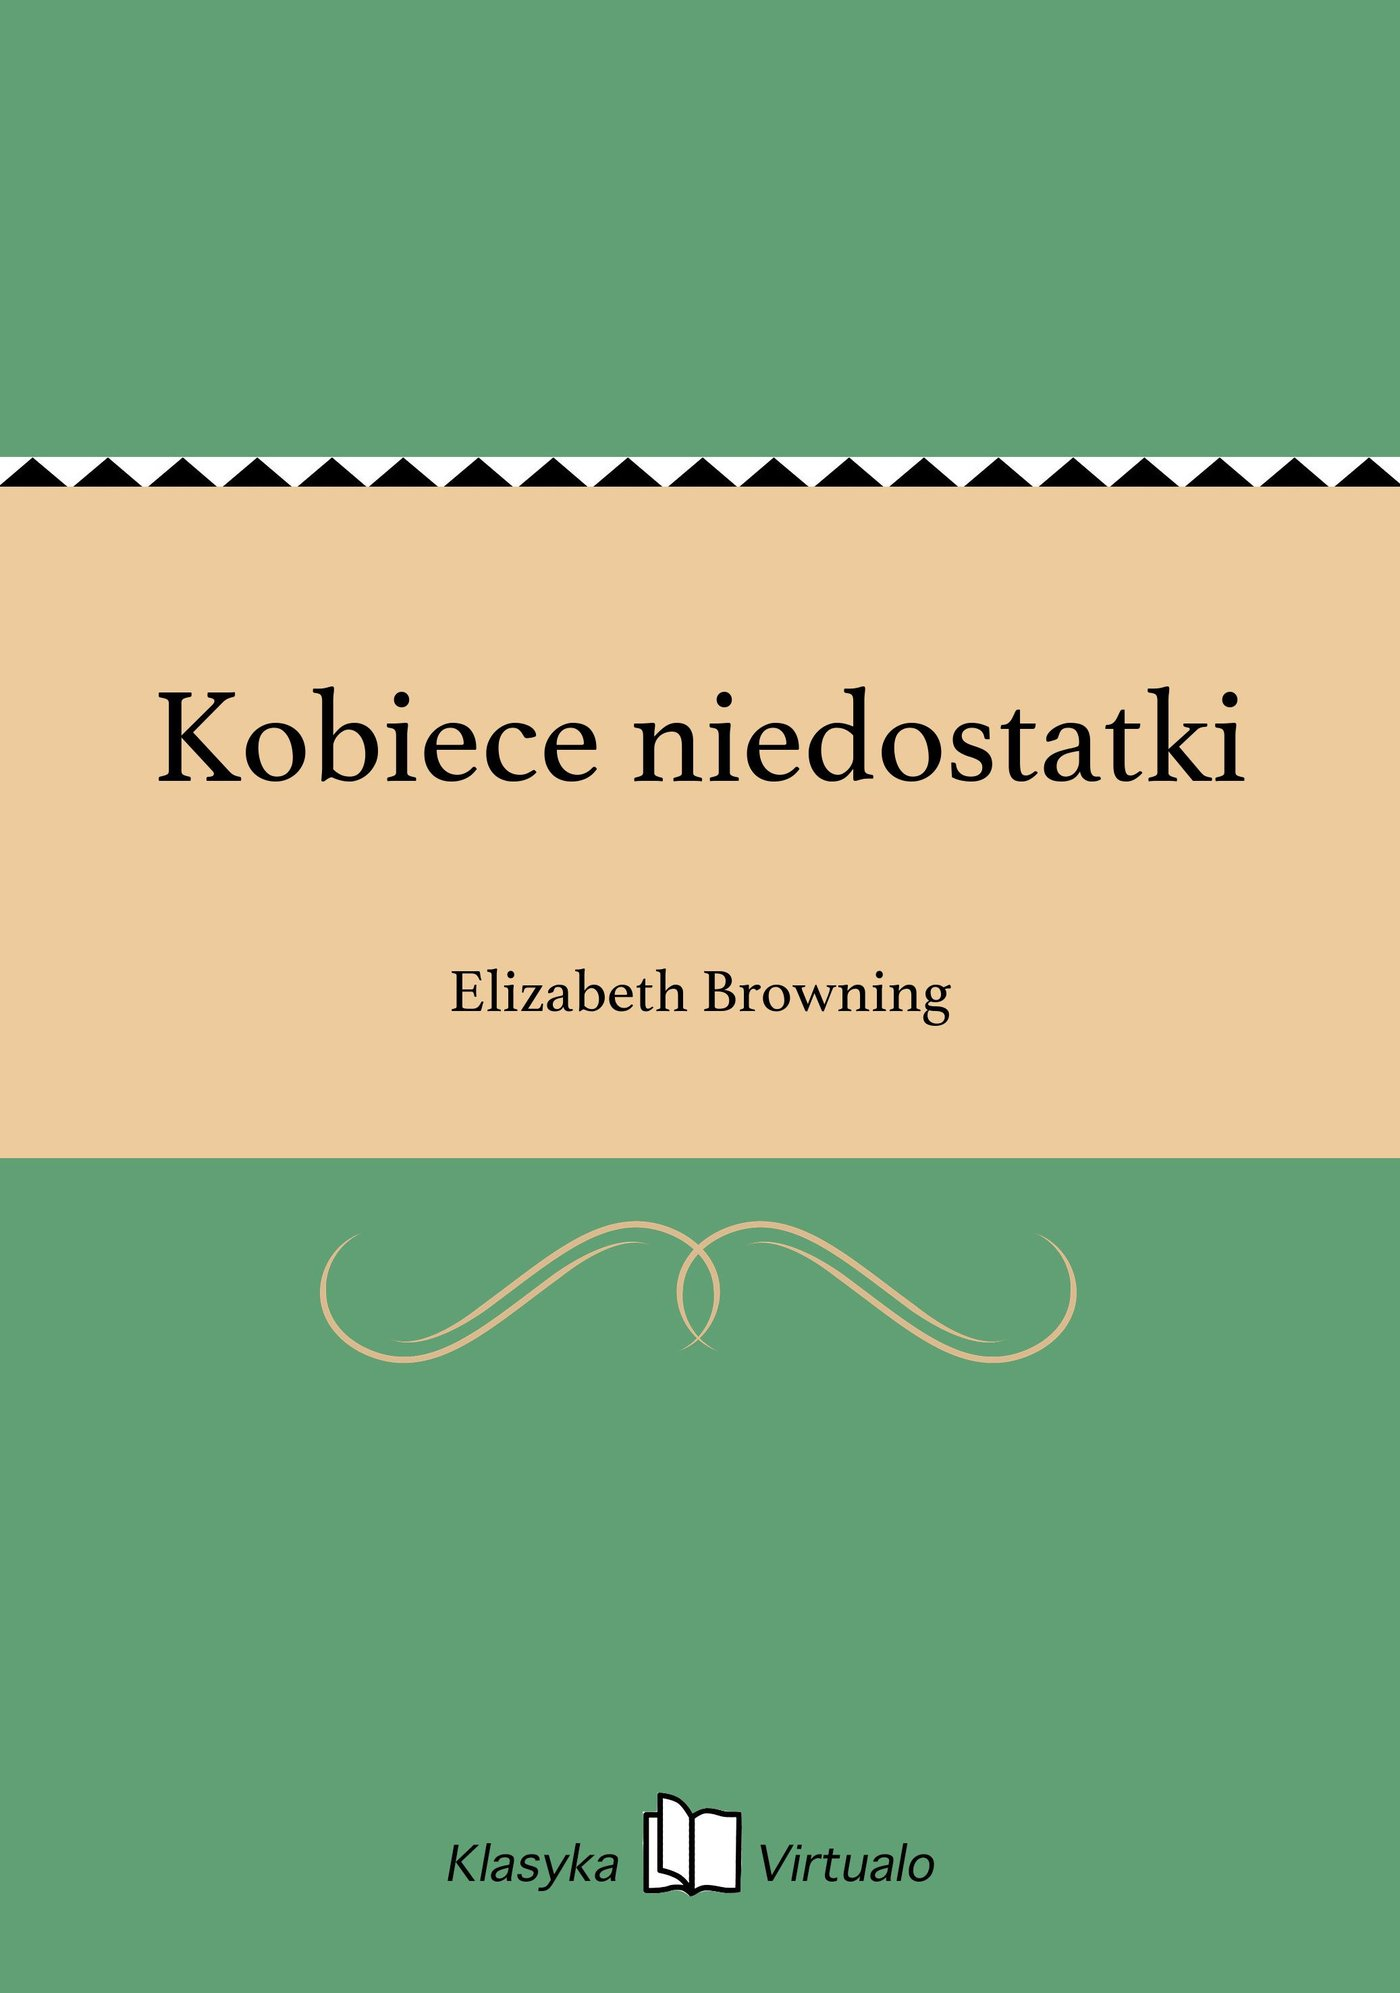 Kobiece niedostatki - Ebook (Książka EPUB) do pobrania w formacie EPUB